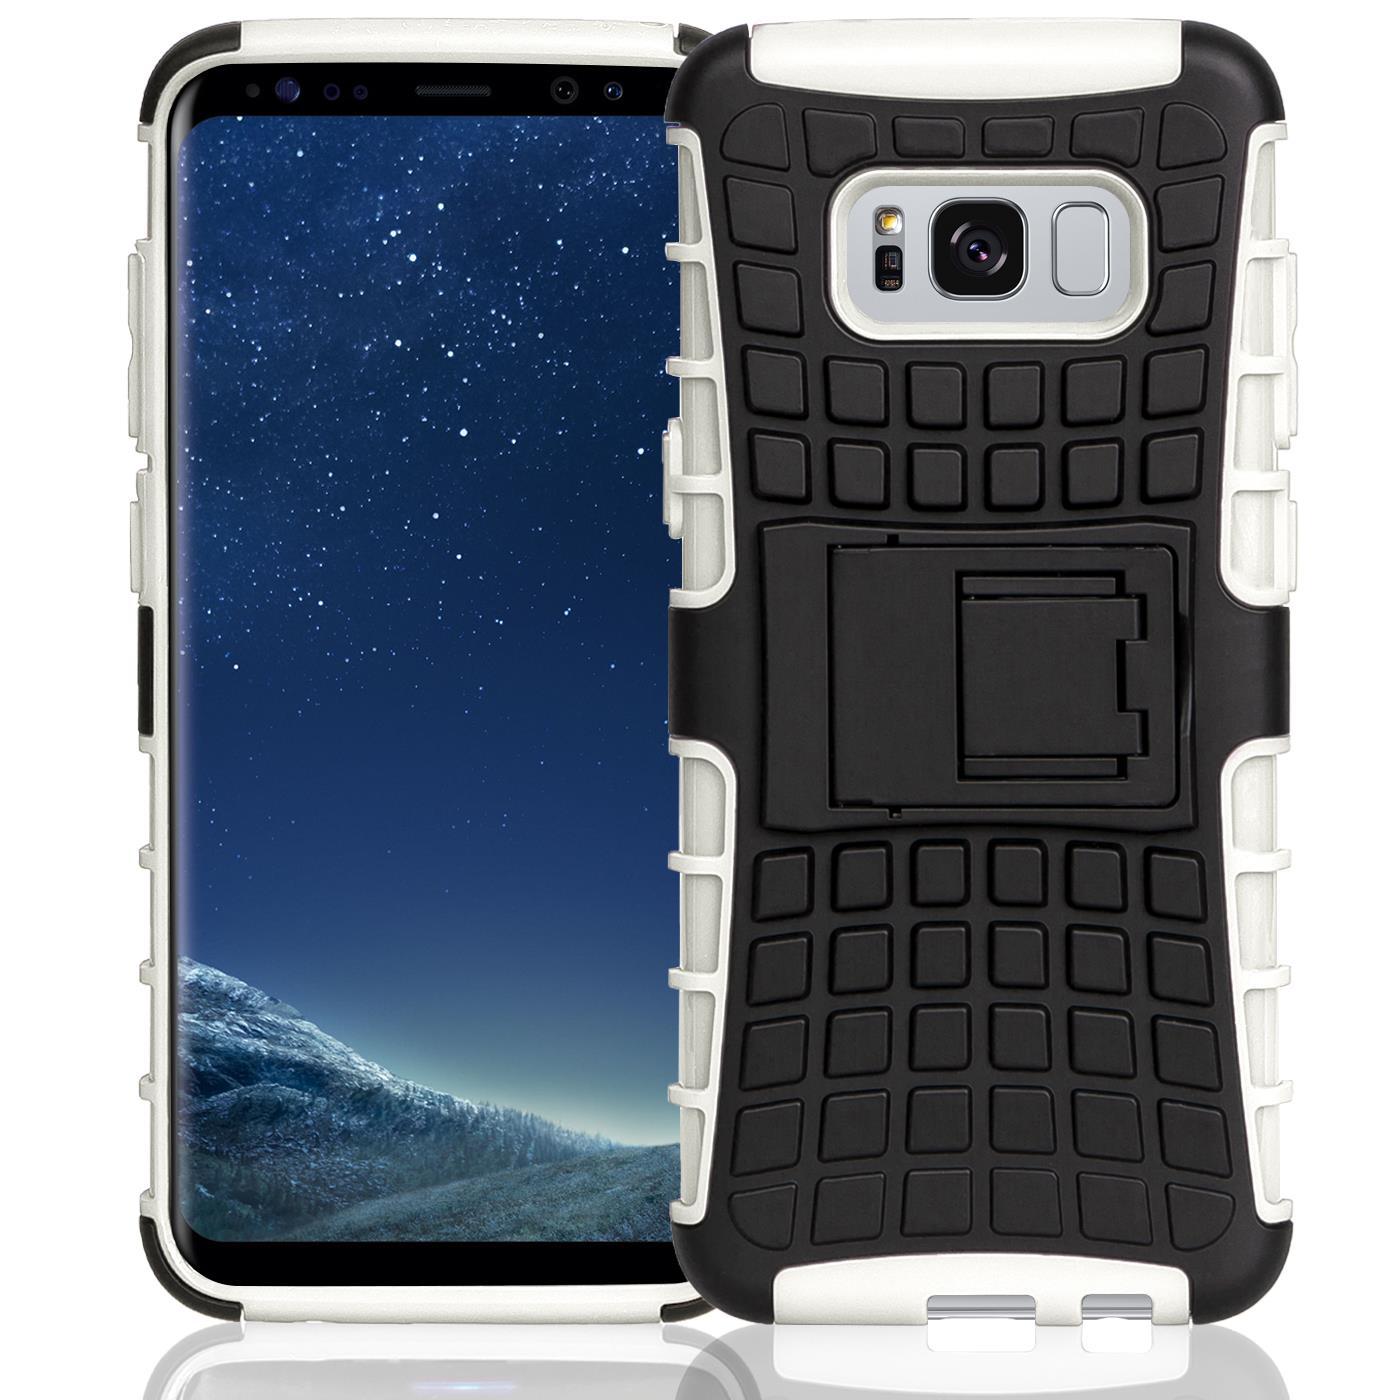 Samsung-Huelle-Hybrid-Panzer-Schutzhuelle-Handy-Schutz-Case-Ruestung-Cover-Tasche